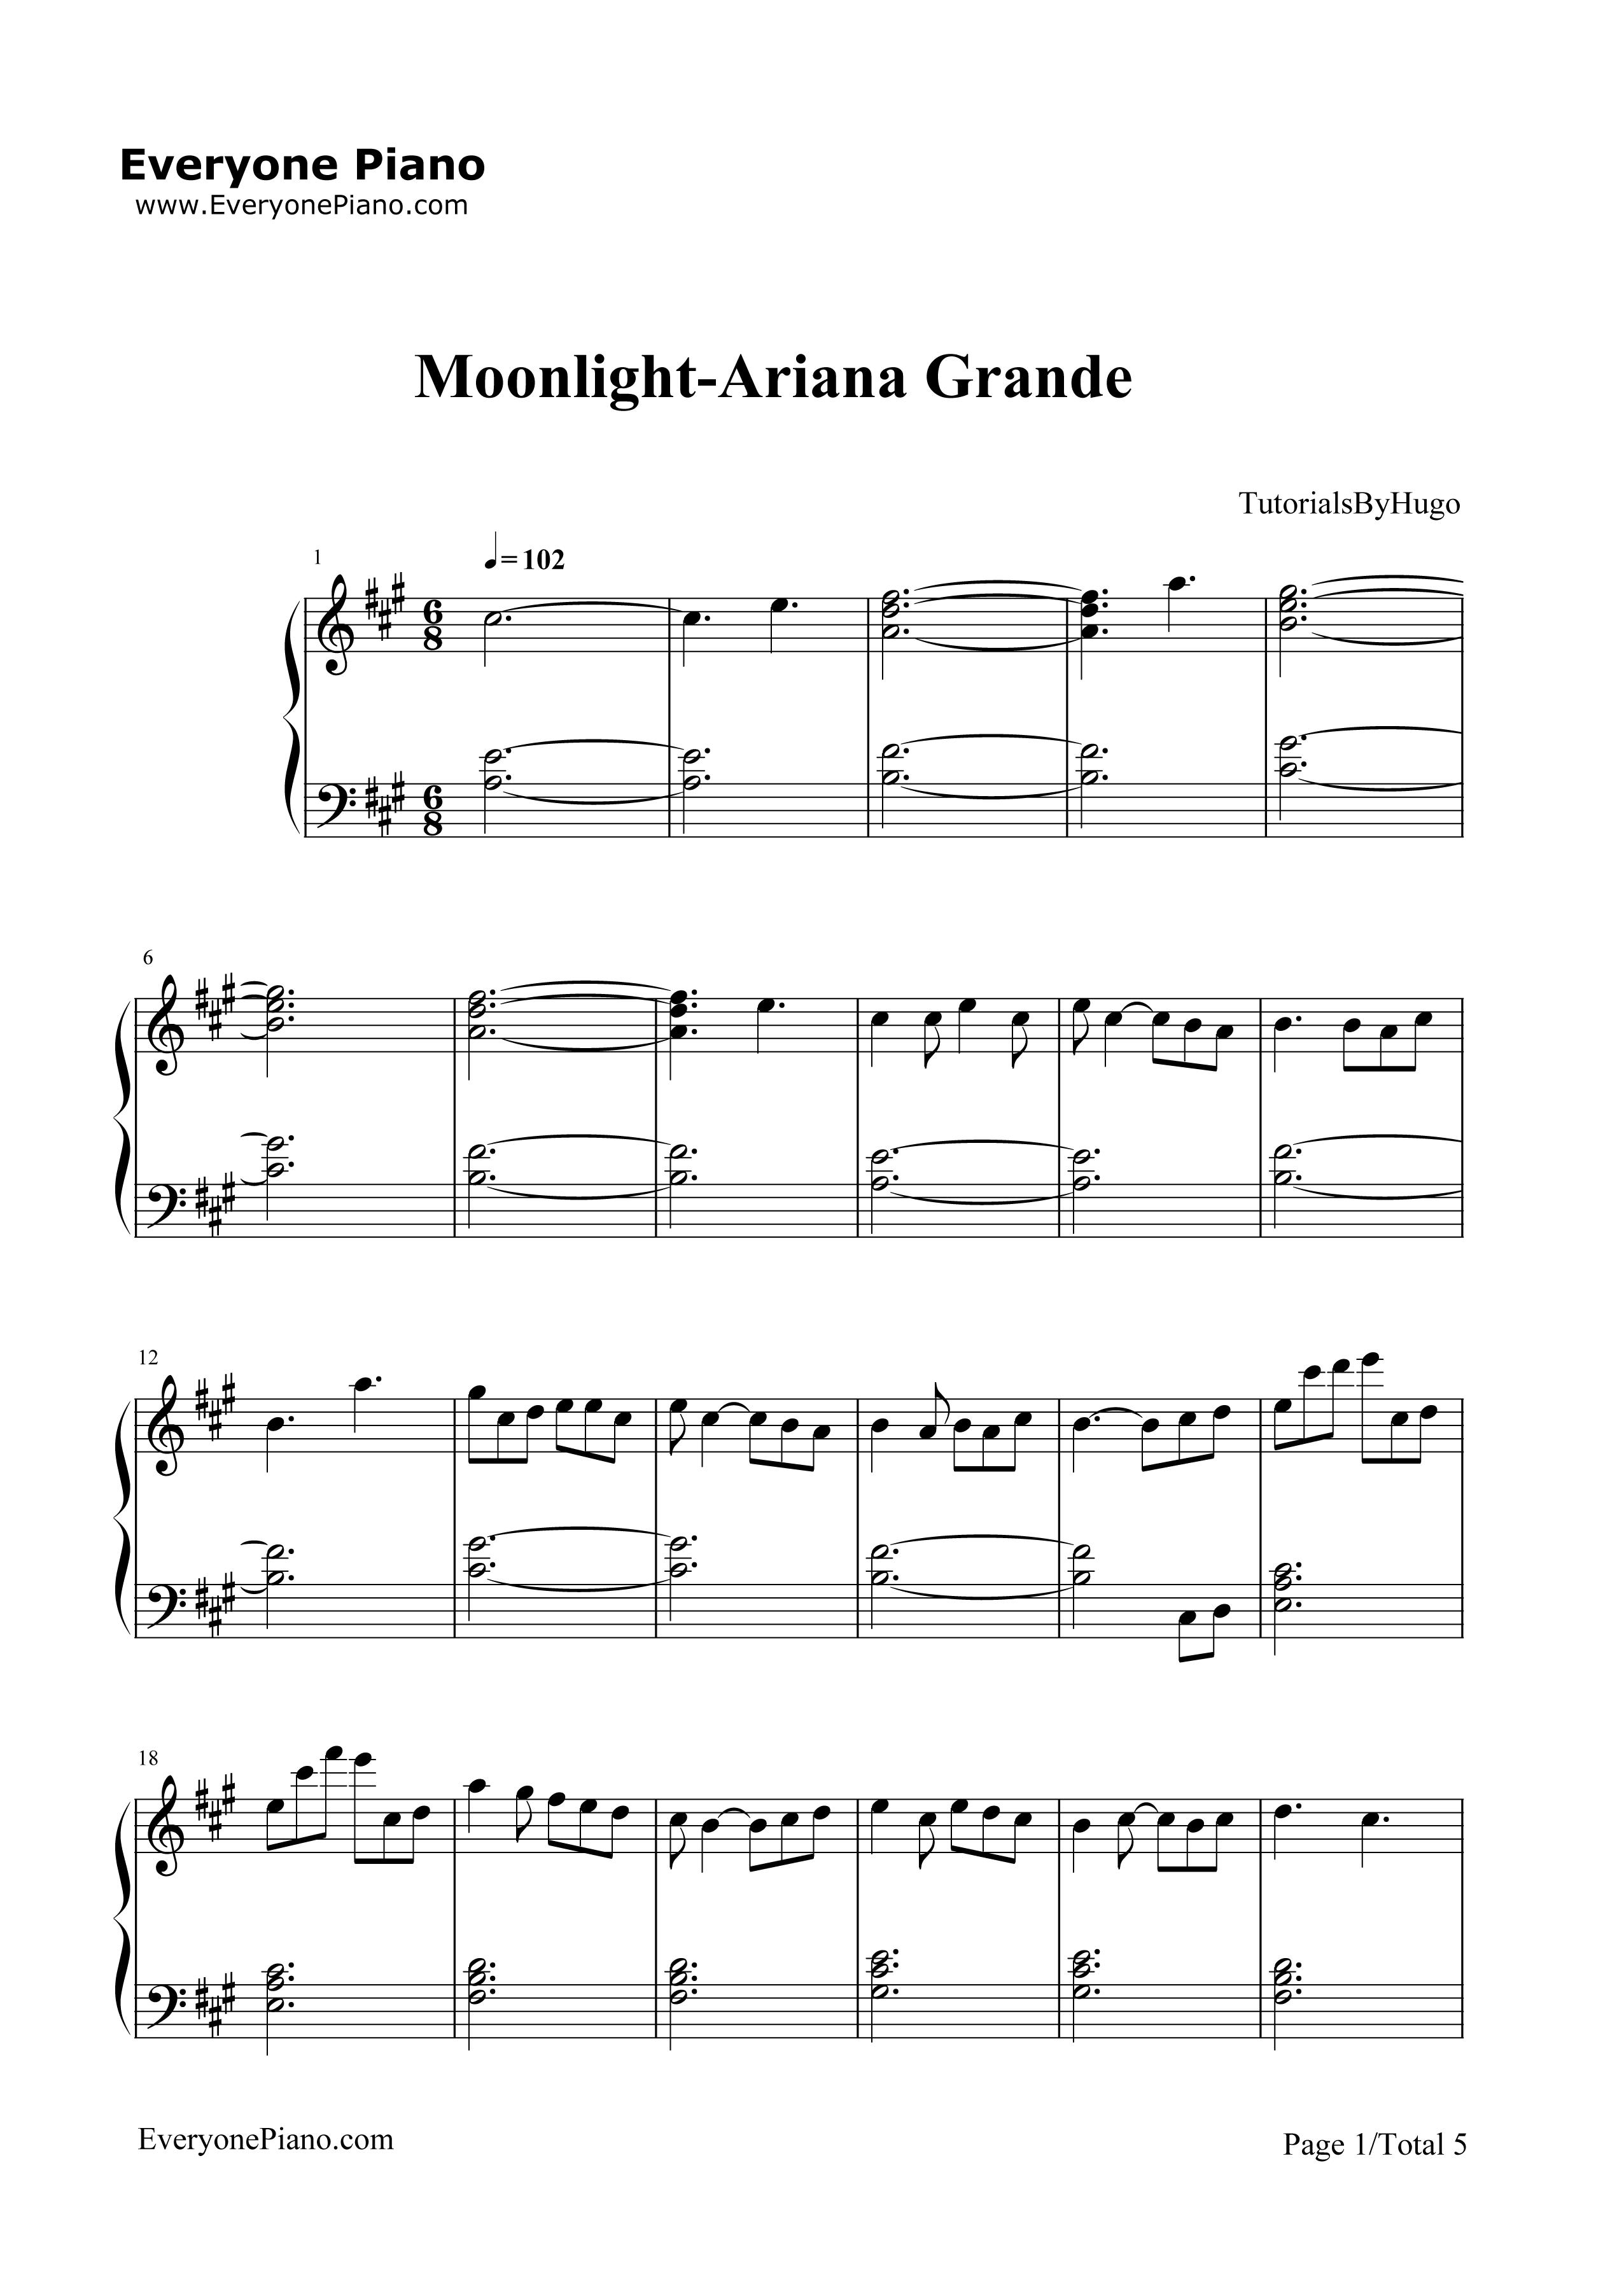 moonlight-ariana grande五线谱预览1-钢琴谱档(,双手